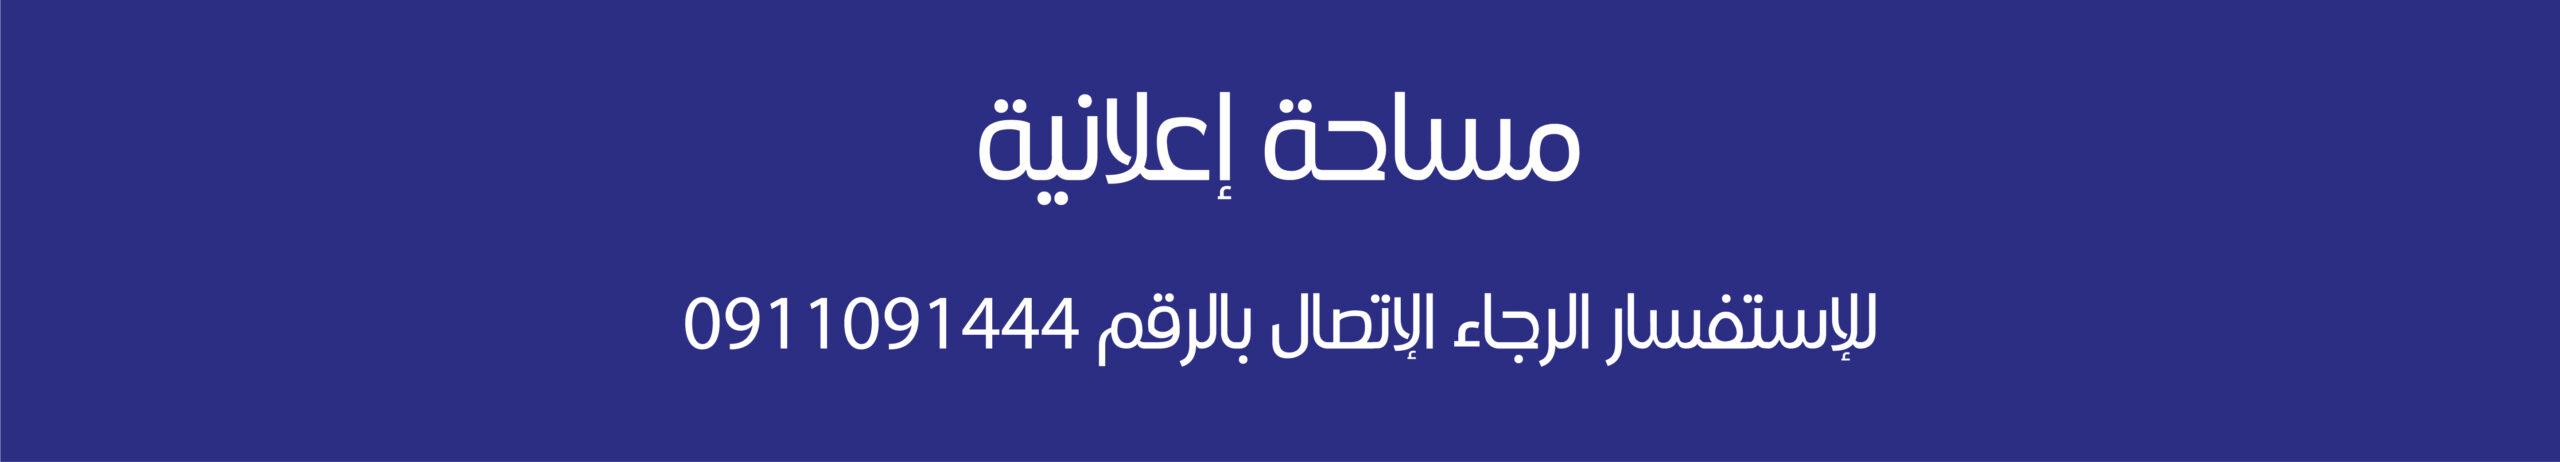 -التحرير2-01-01-scaled.jpg